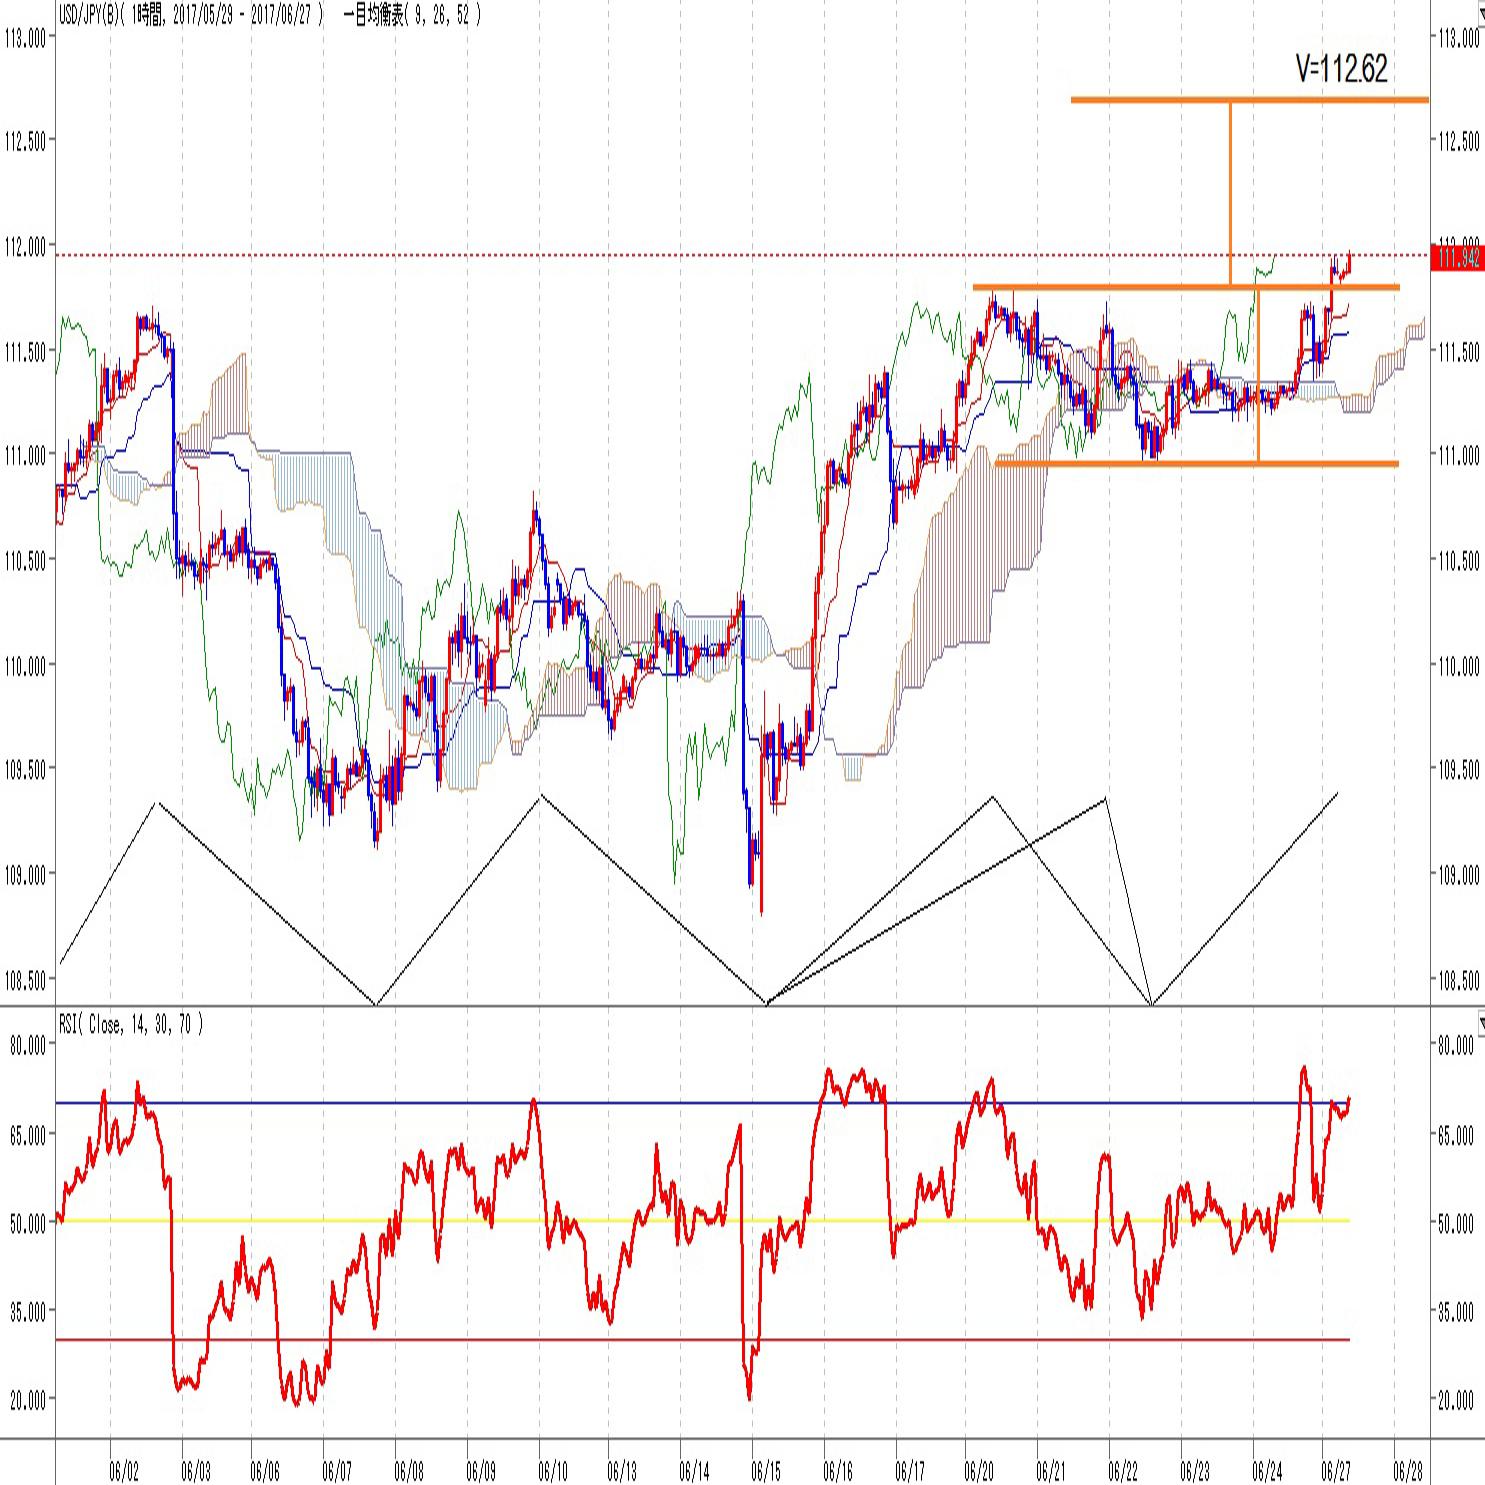 ドル円見通し6/20高値を超え上昇指向を継続(6/27)